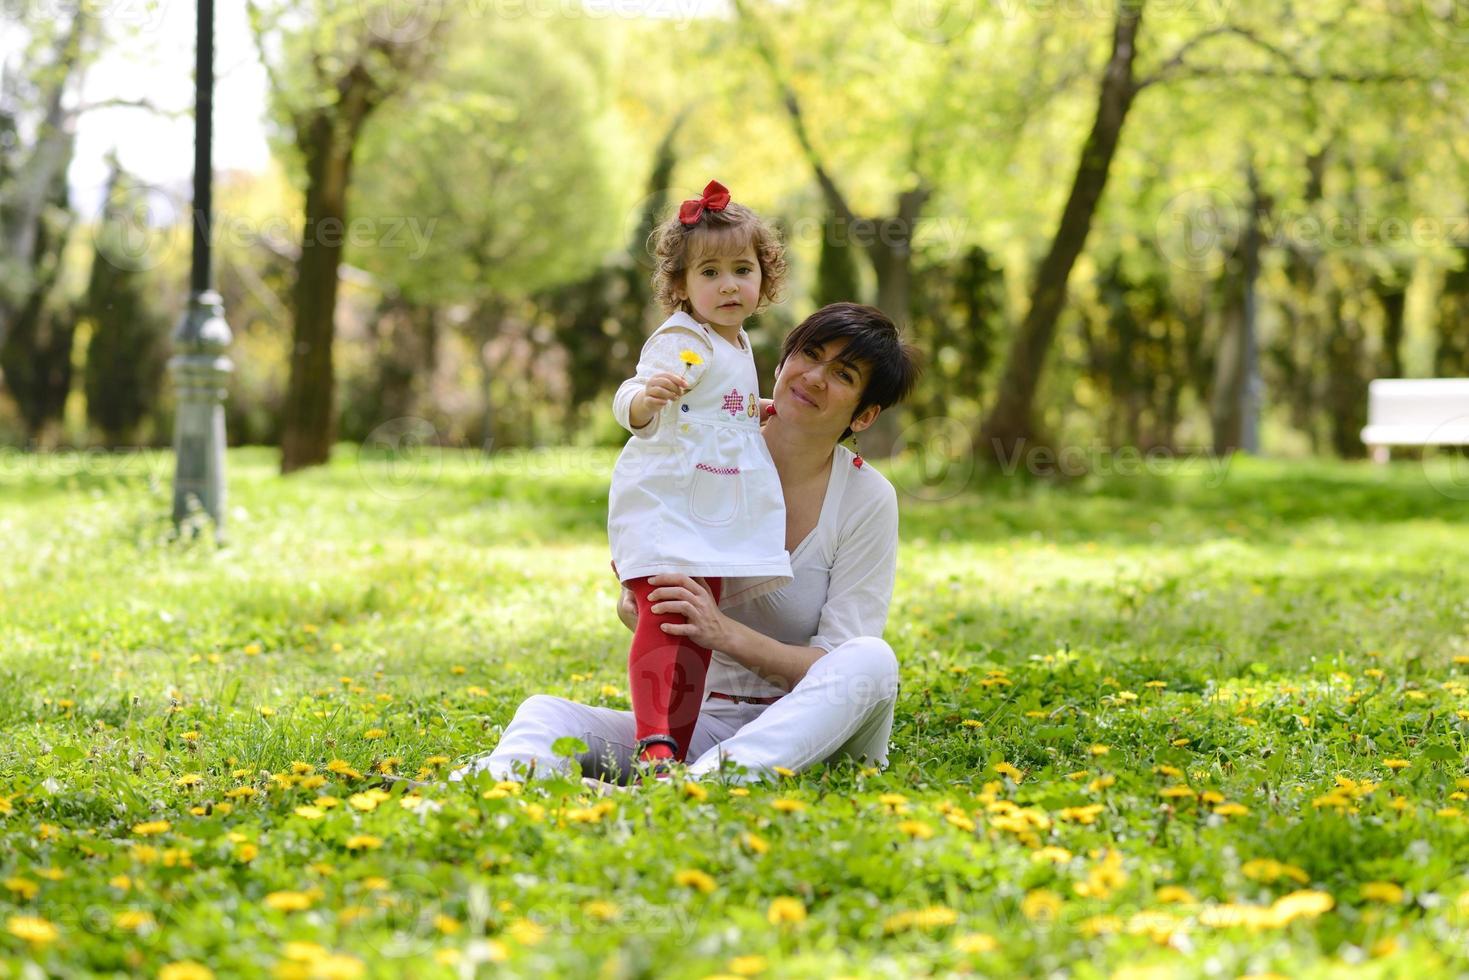 mamma och liten flicka som leker i parken foto